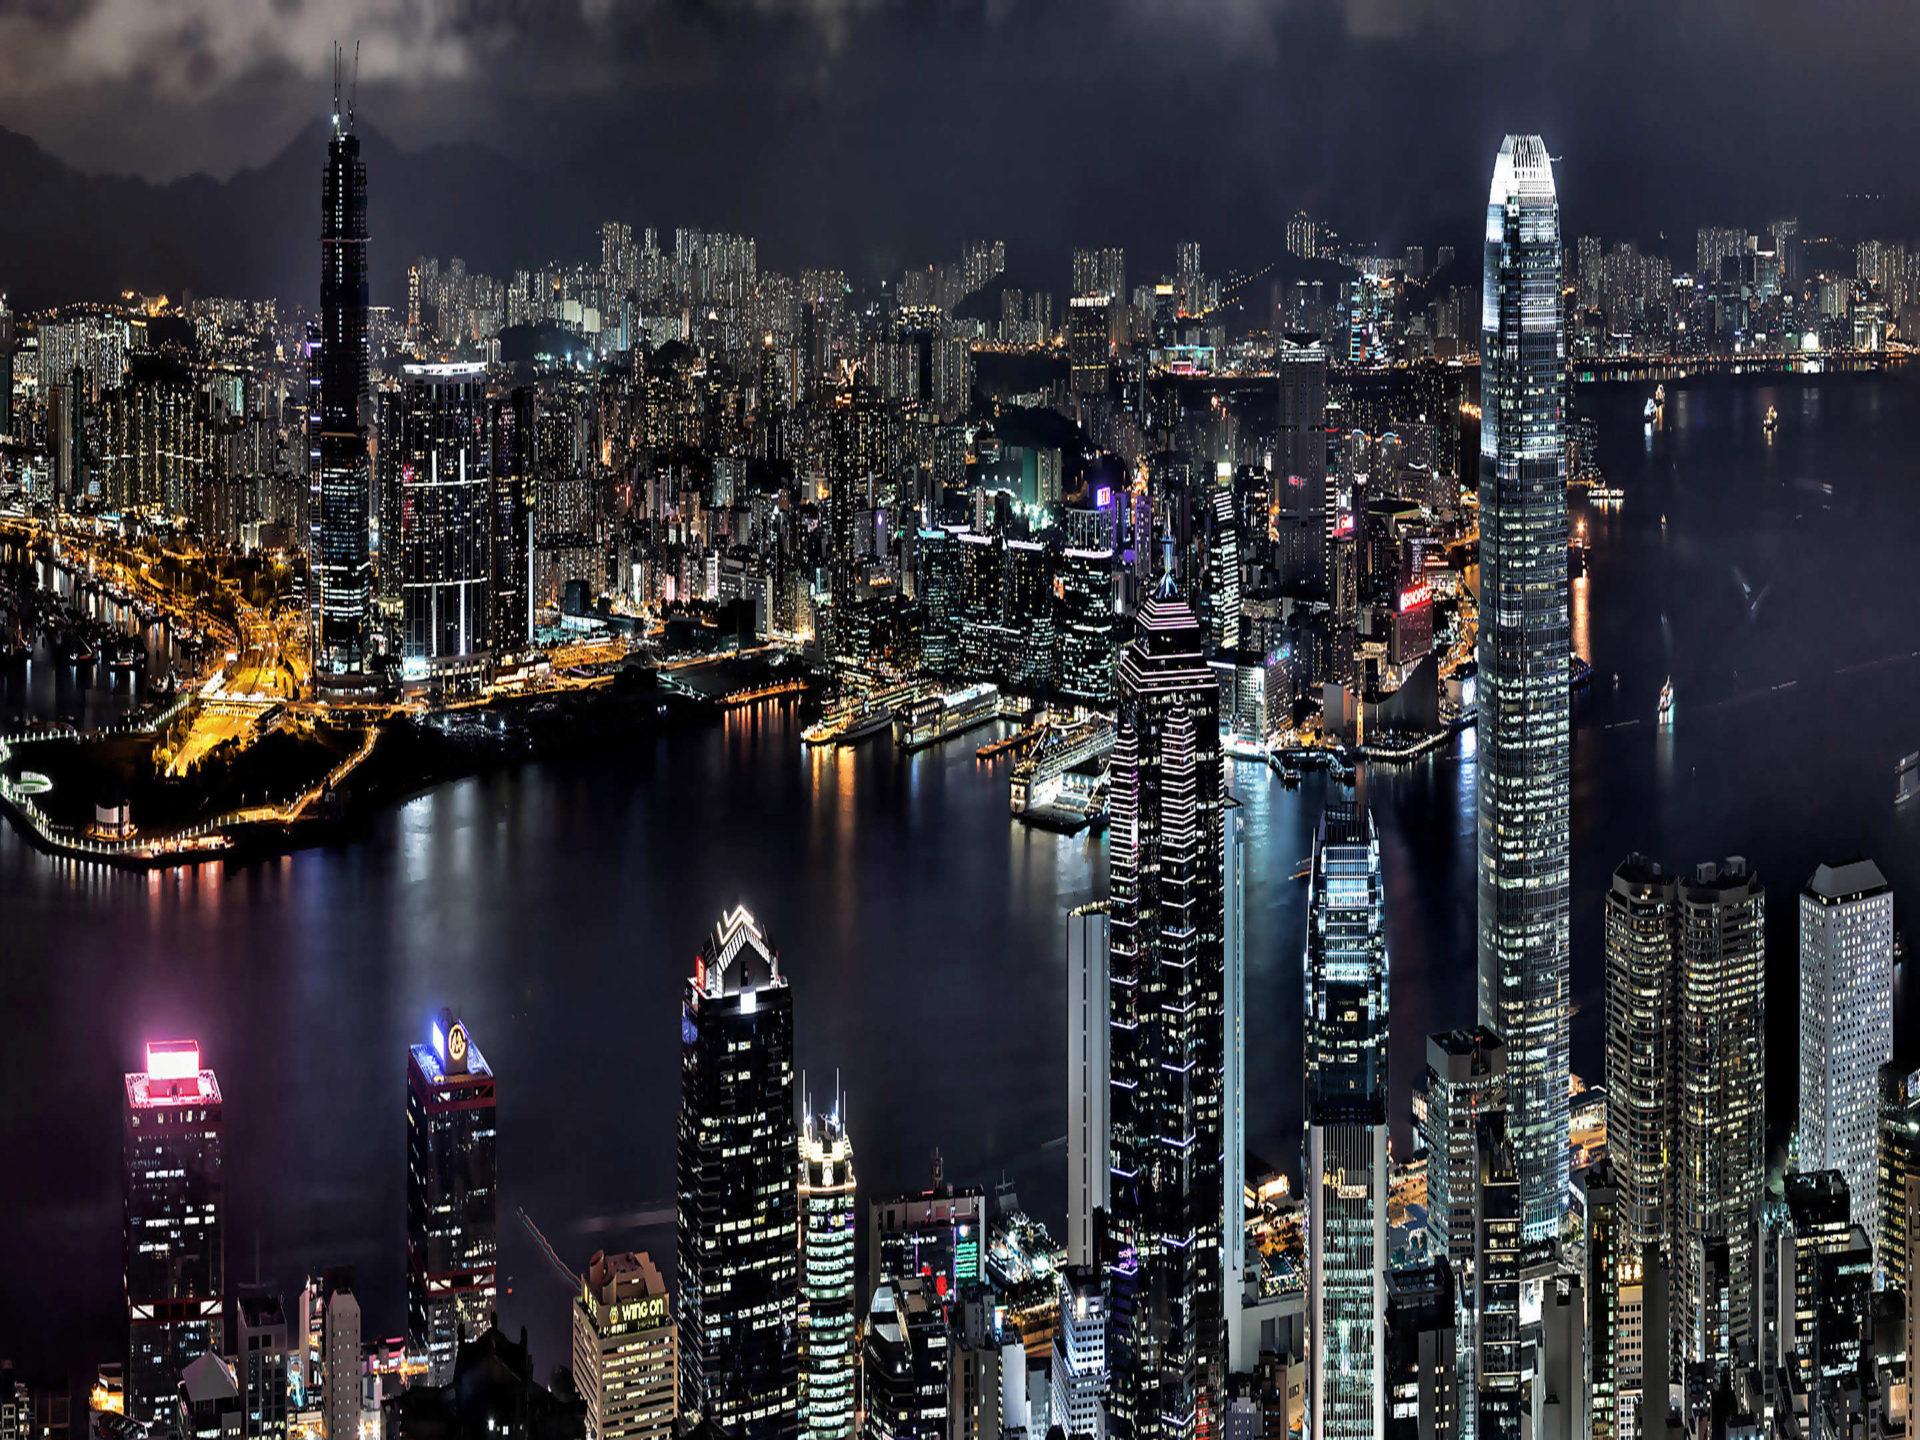 City Skyline Wallpaper Hd Asia City Hong Kong In China Look At Night Bay Boats